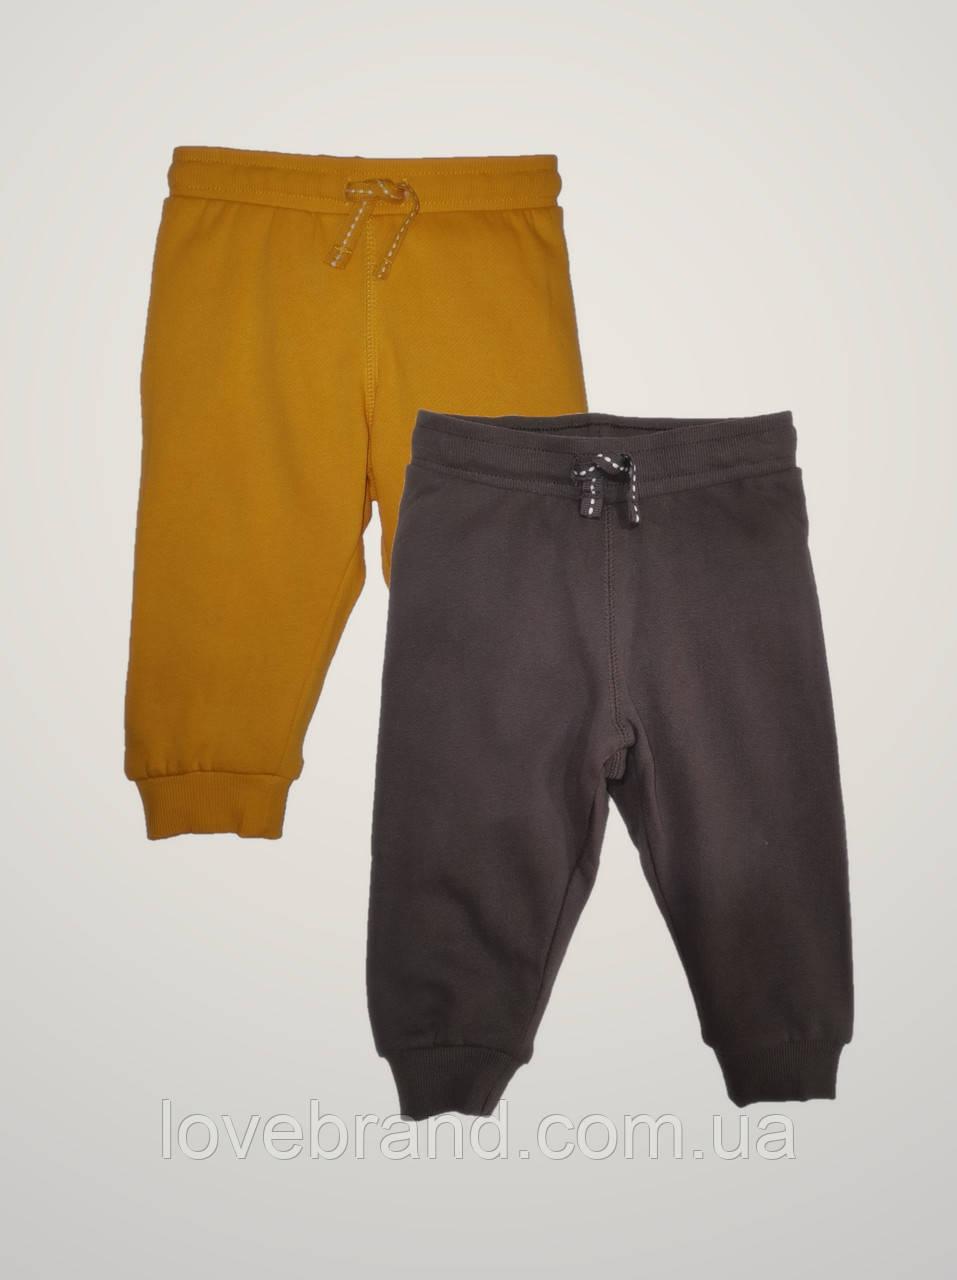 Штанишки теплые на мальчика H&M джогеры для малышей желтые, серые (ейч енд ем)